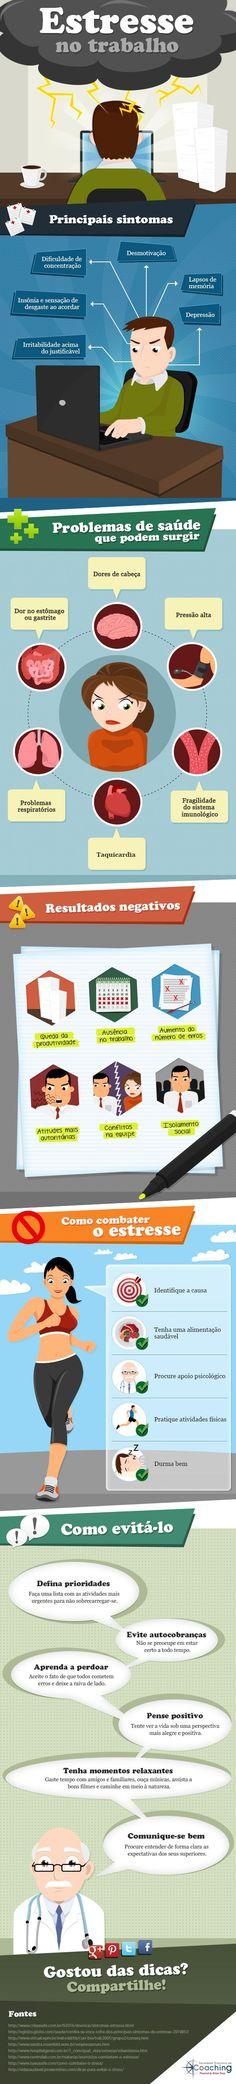 Dicas úteis de como evitar o estresse no trabalho! #infográfico #saúde #produtividade